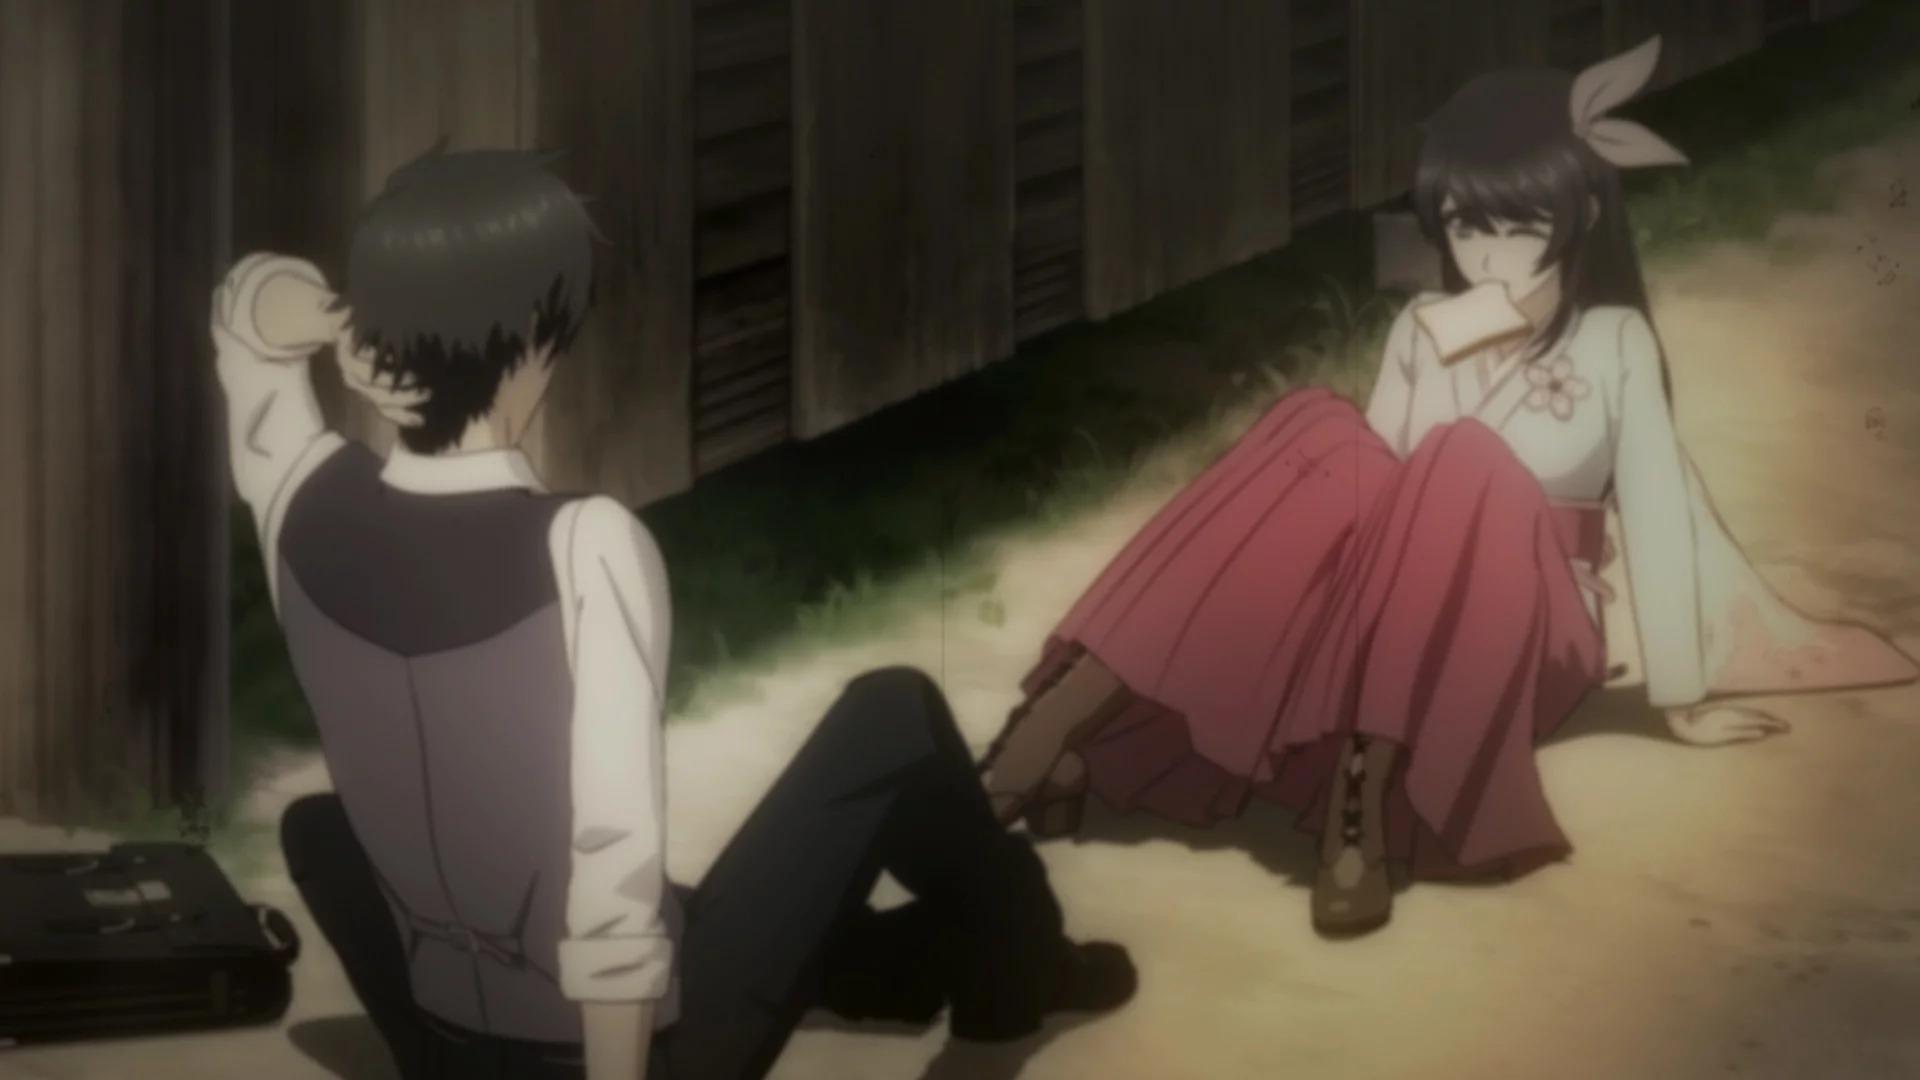 《新樱花大战》又一批截图展示浪漫关系和战斗羁绊